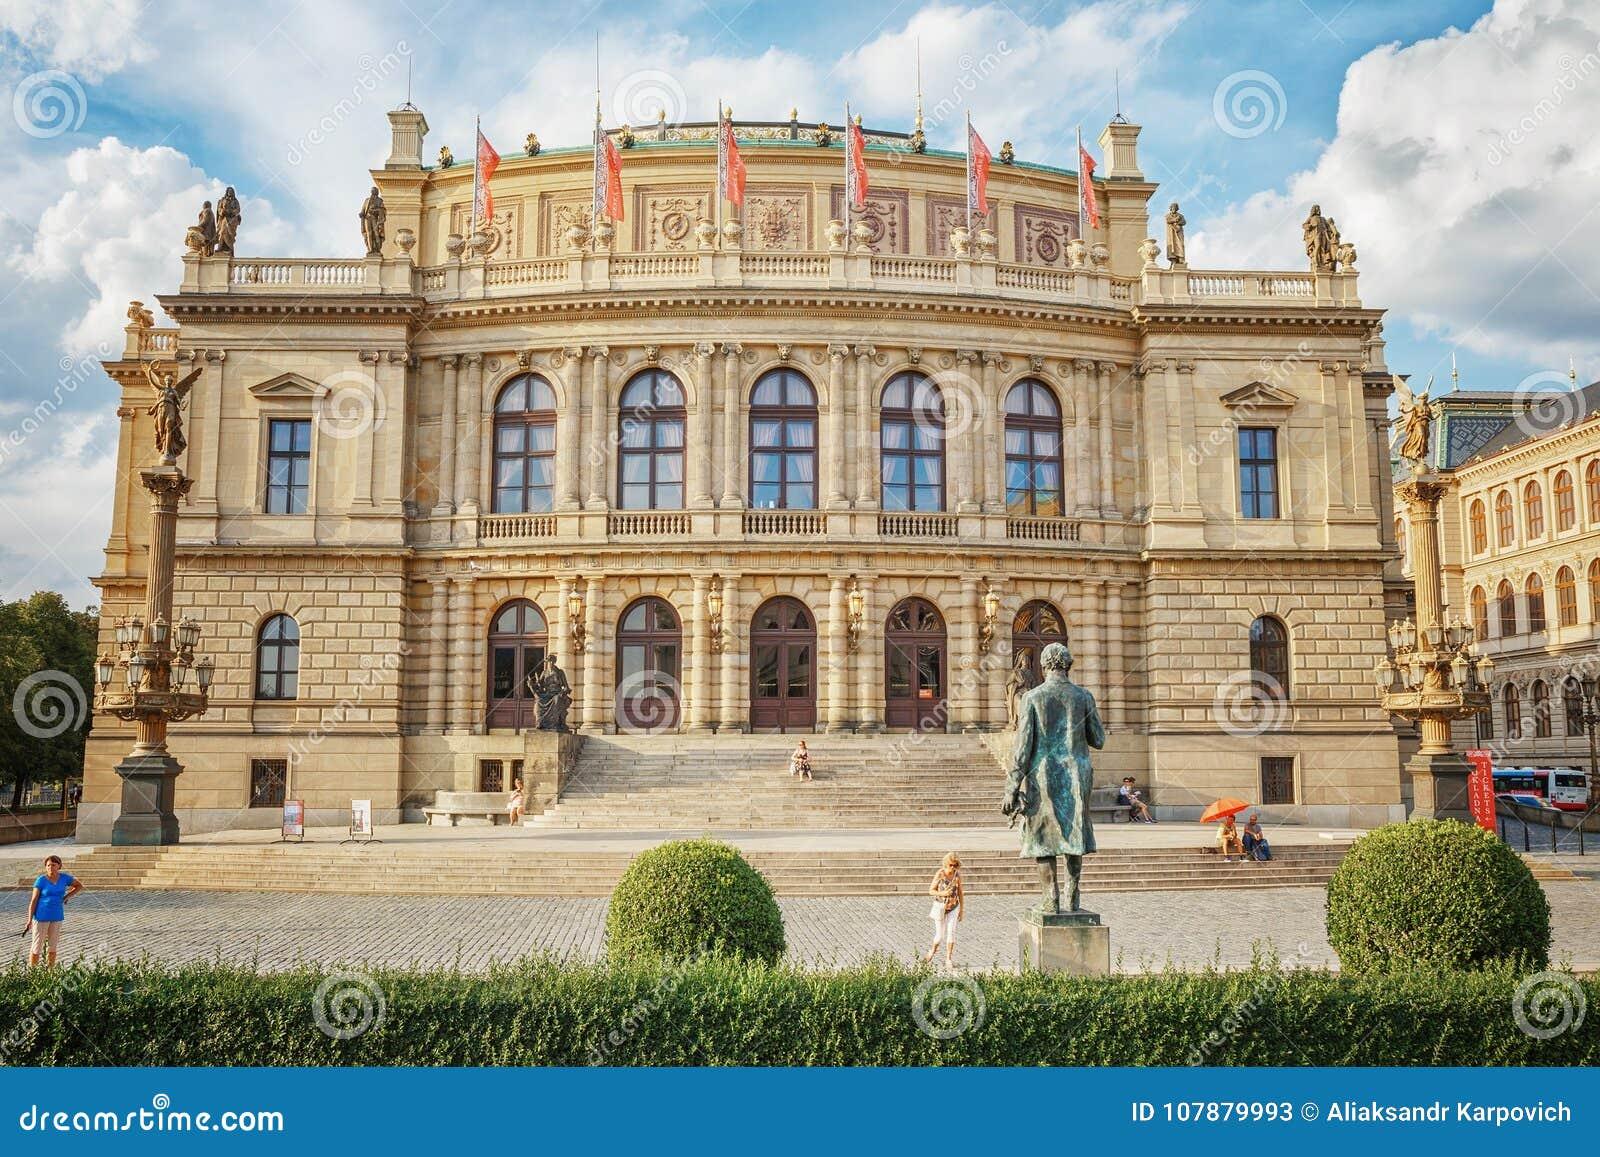 República Checa de Praga 2 de agosto 2017: El edificio de Rudolfinum en el cual hay una sociedad filarmónica y museos